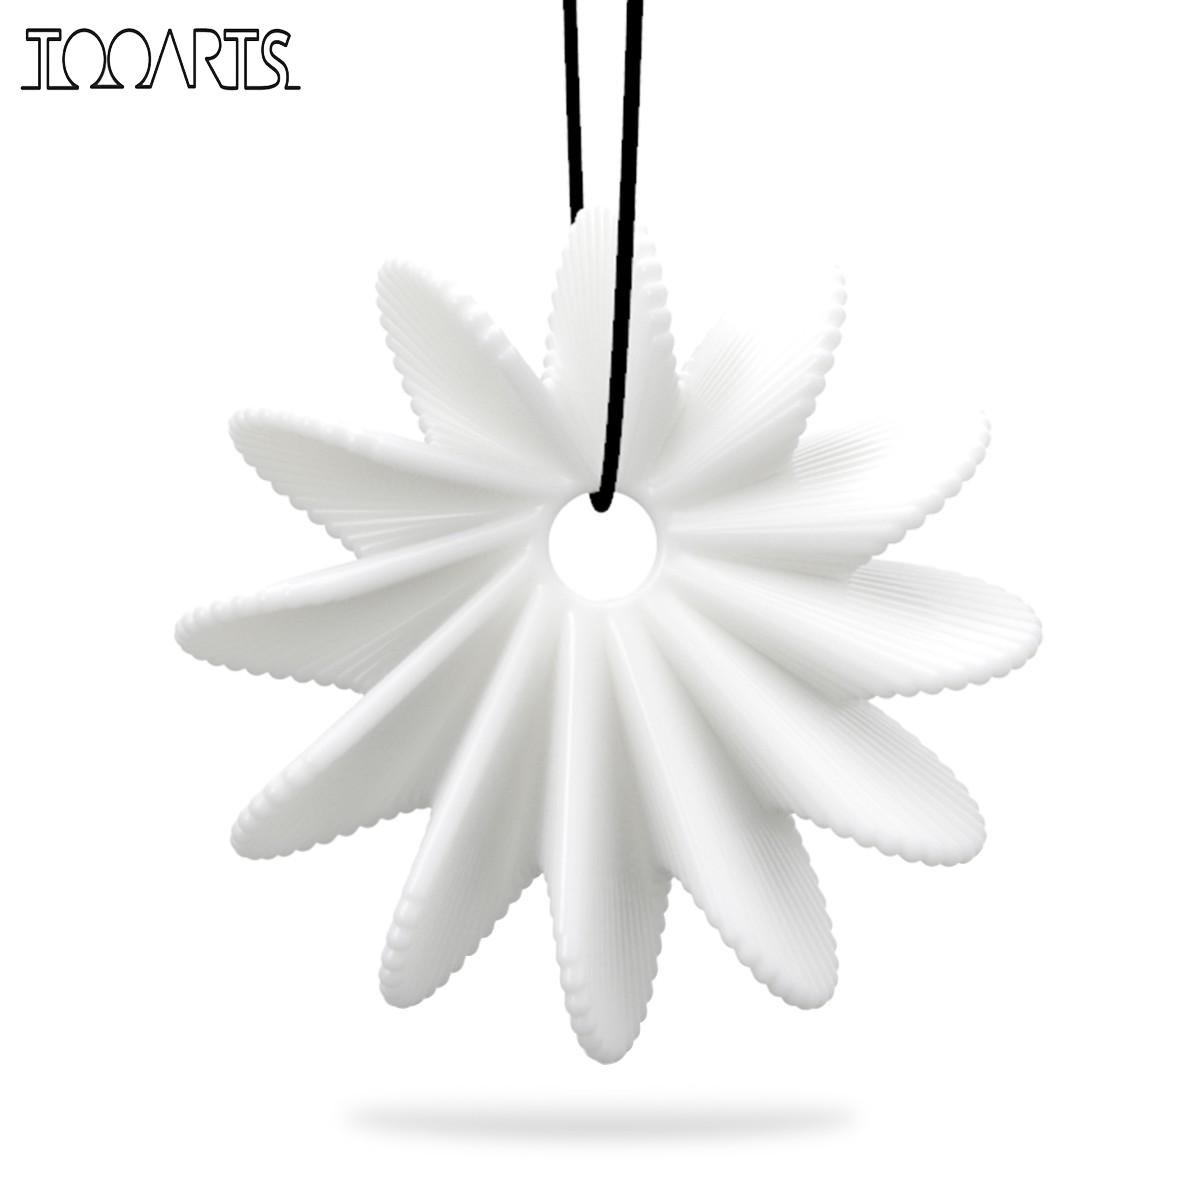 Tooarts Tomfeel Bijuterii imprimate 3D Înflorit Floare Modelare - Decoratiune interioara - Fotografie 1